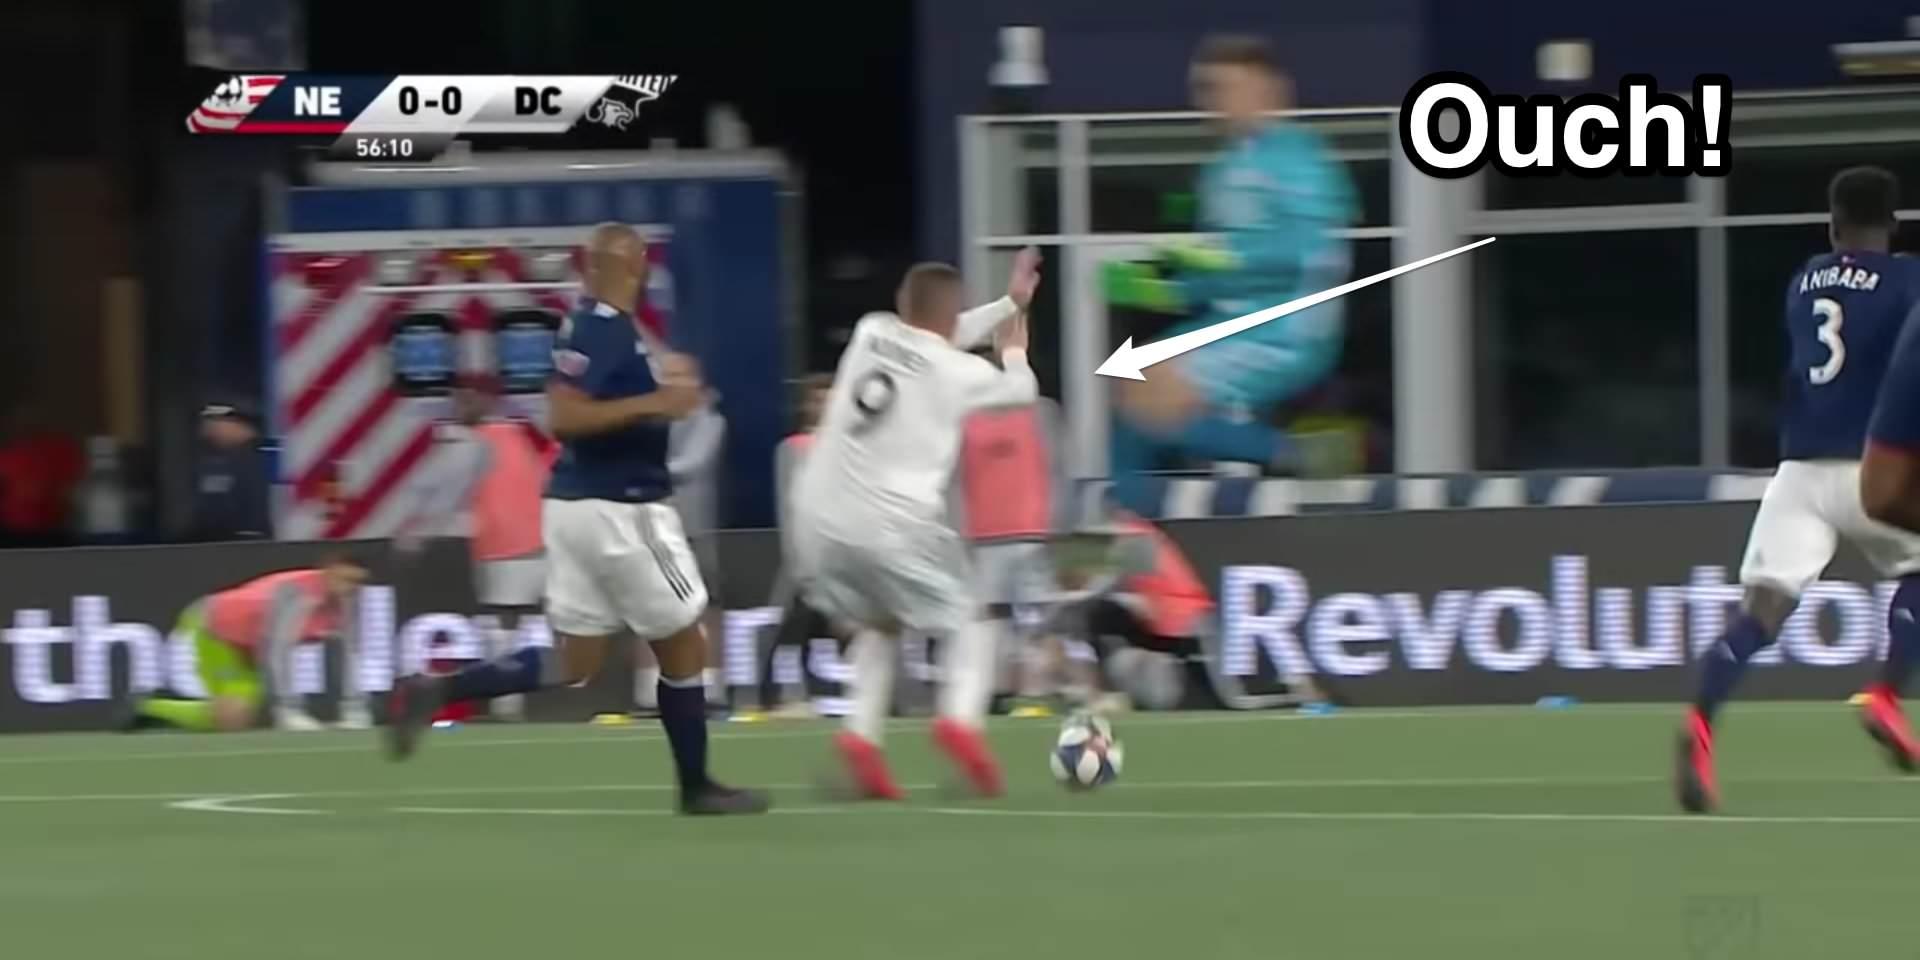 Wayne Rooney foi esmagado por um goleiro de cobrança em um desafio brutal que resultou em um cartão vermelho